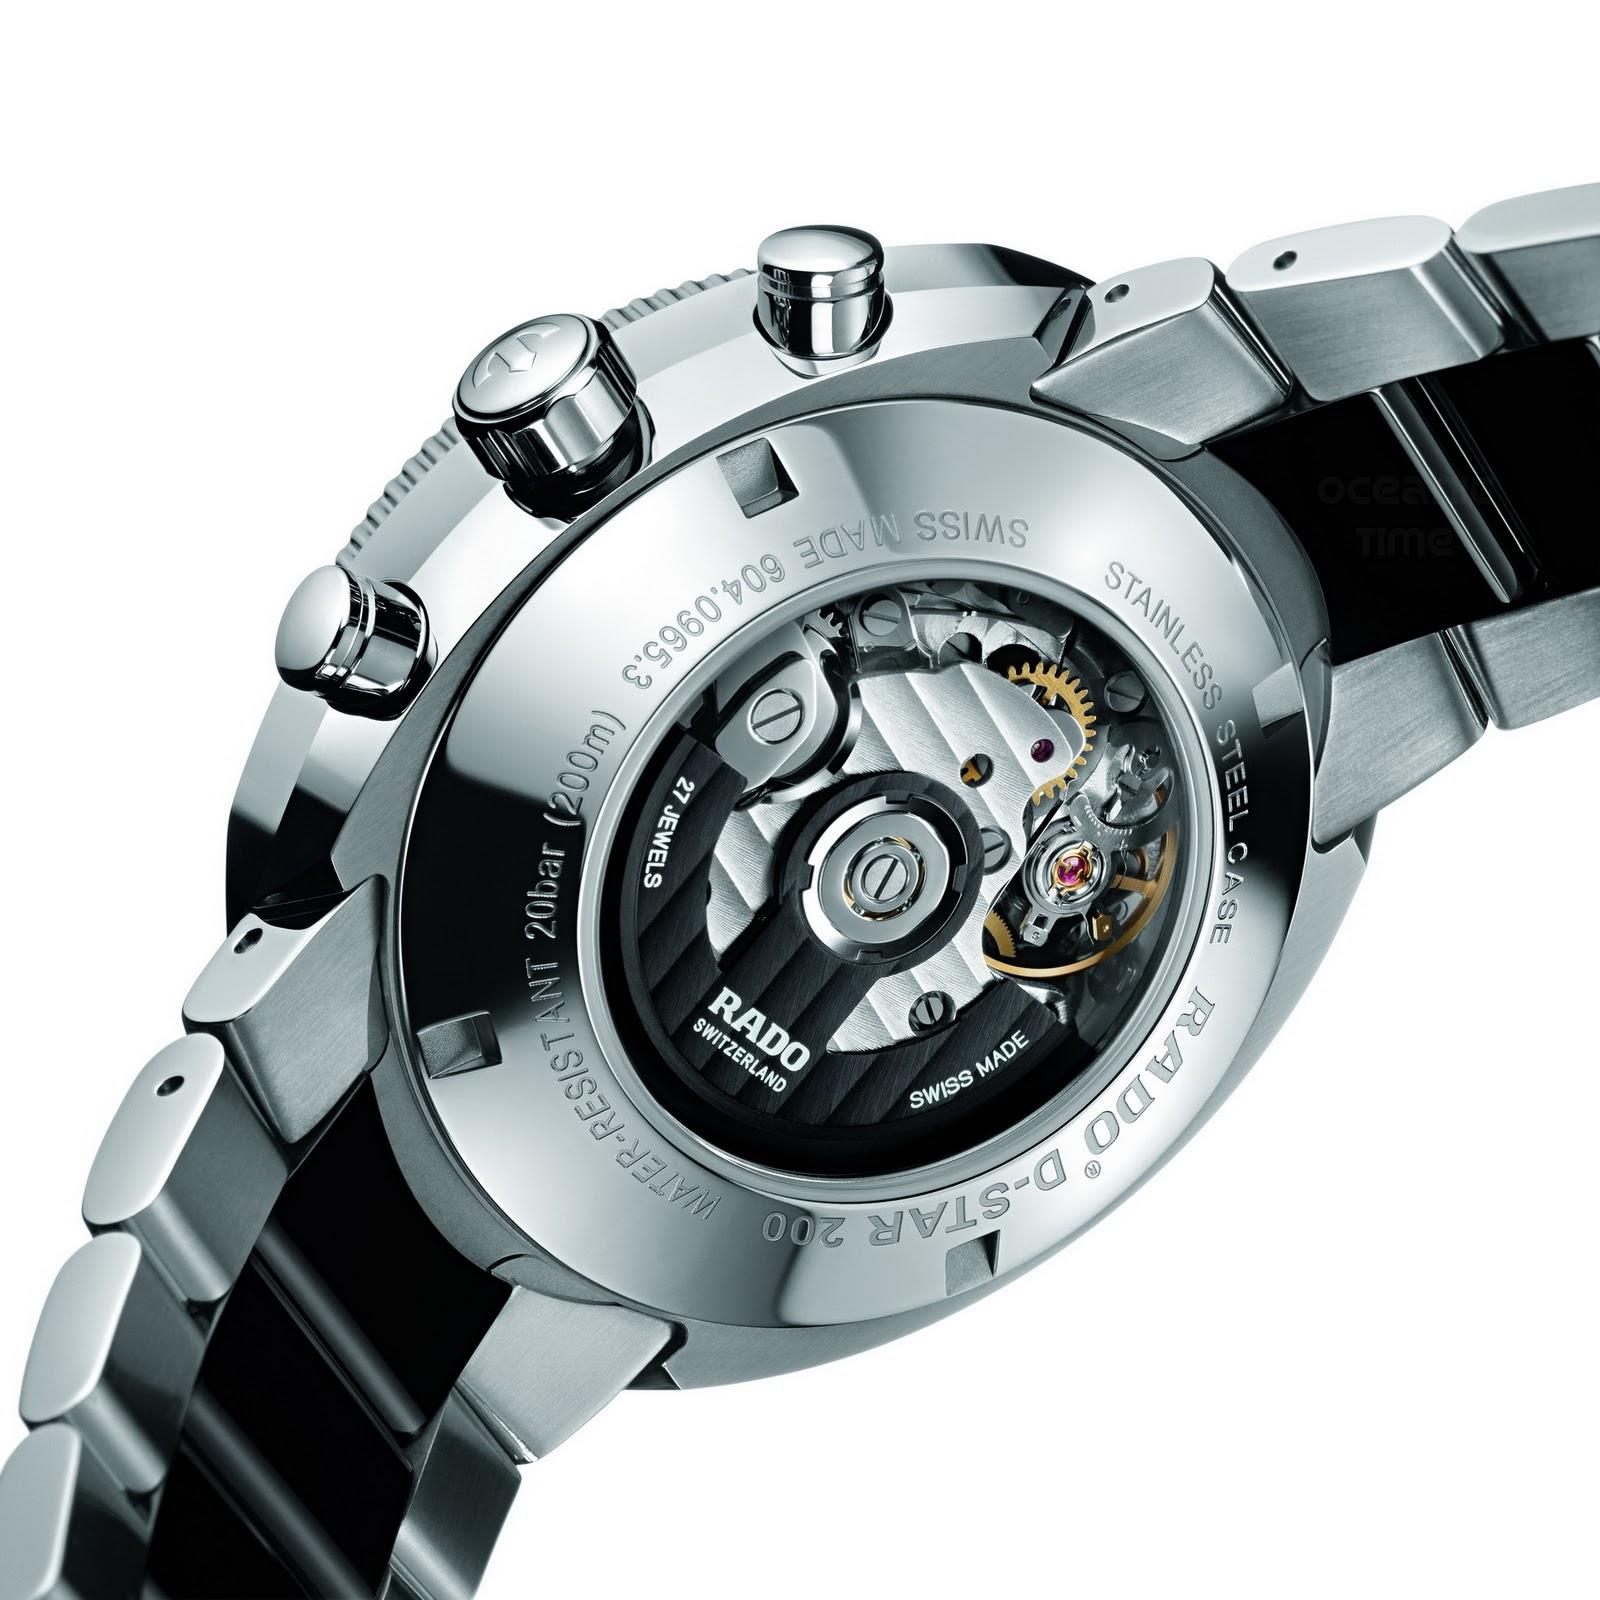 Watches 7: RADO - D-Star 200